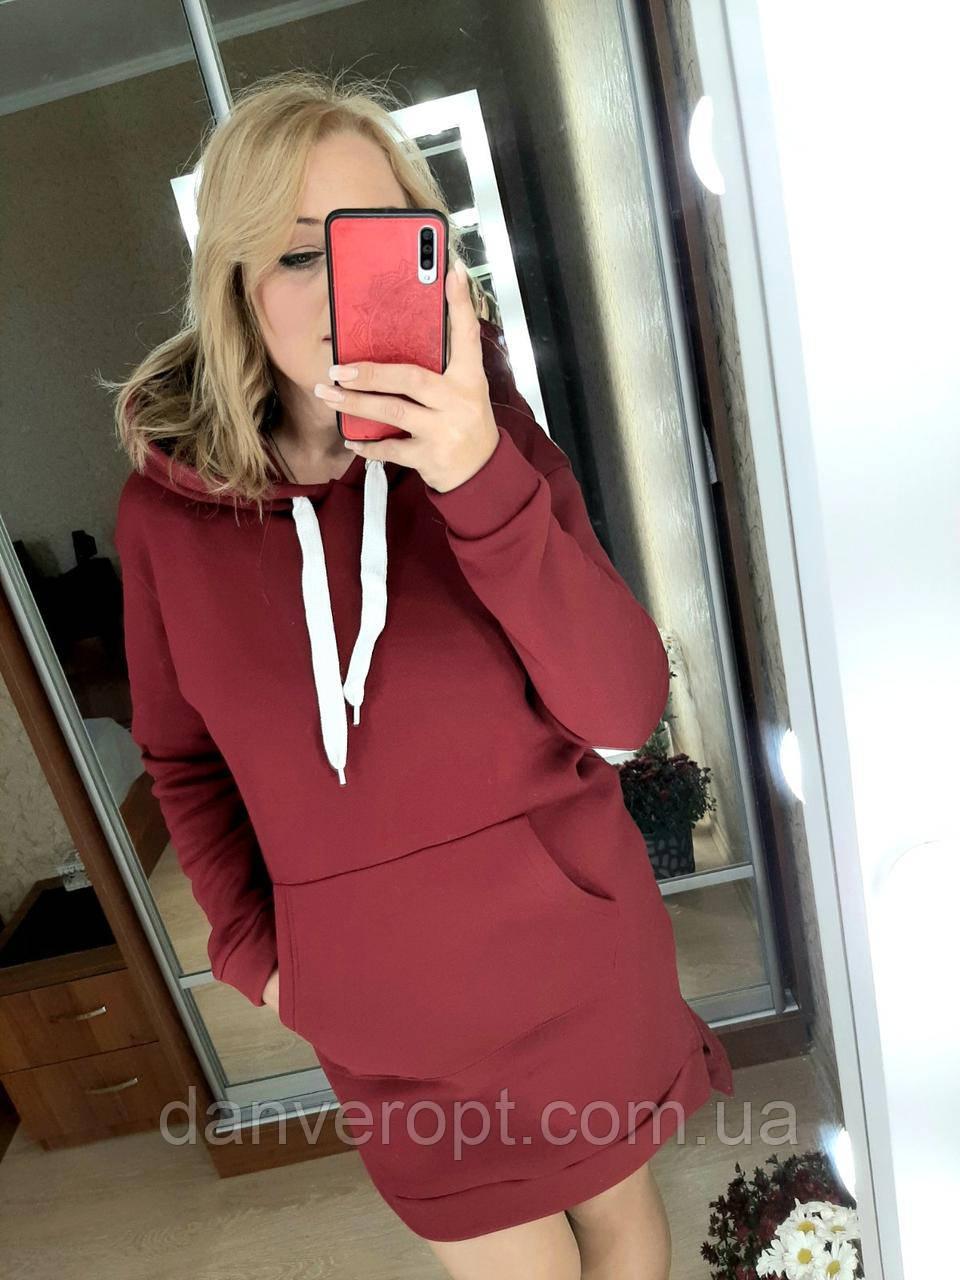 Туника женская модная стильная размер 42-52 купить оптом со склада 7км Одесса